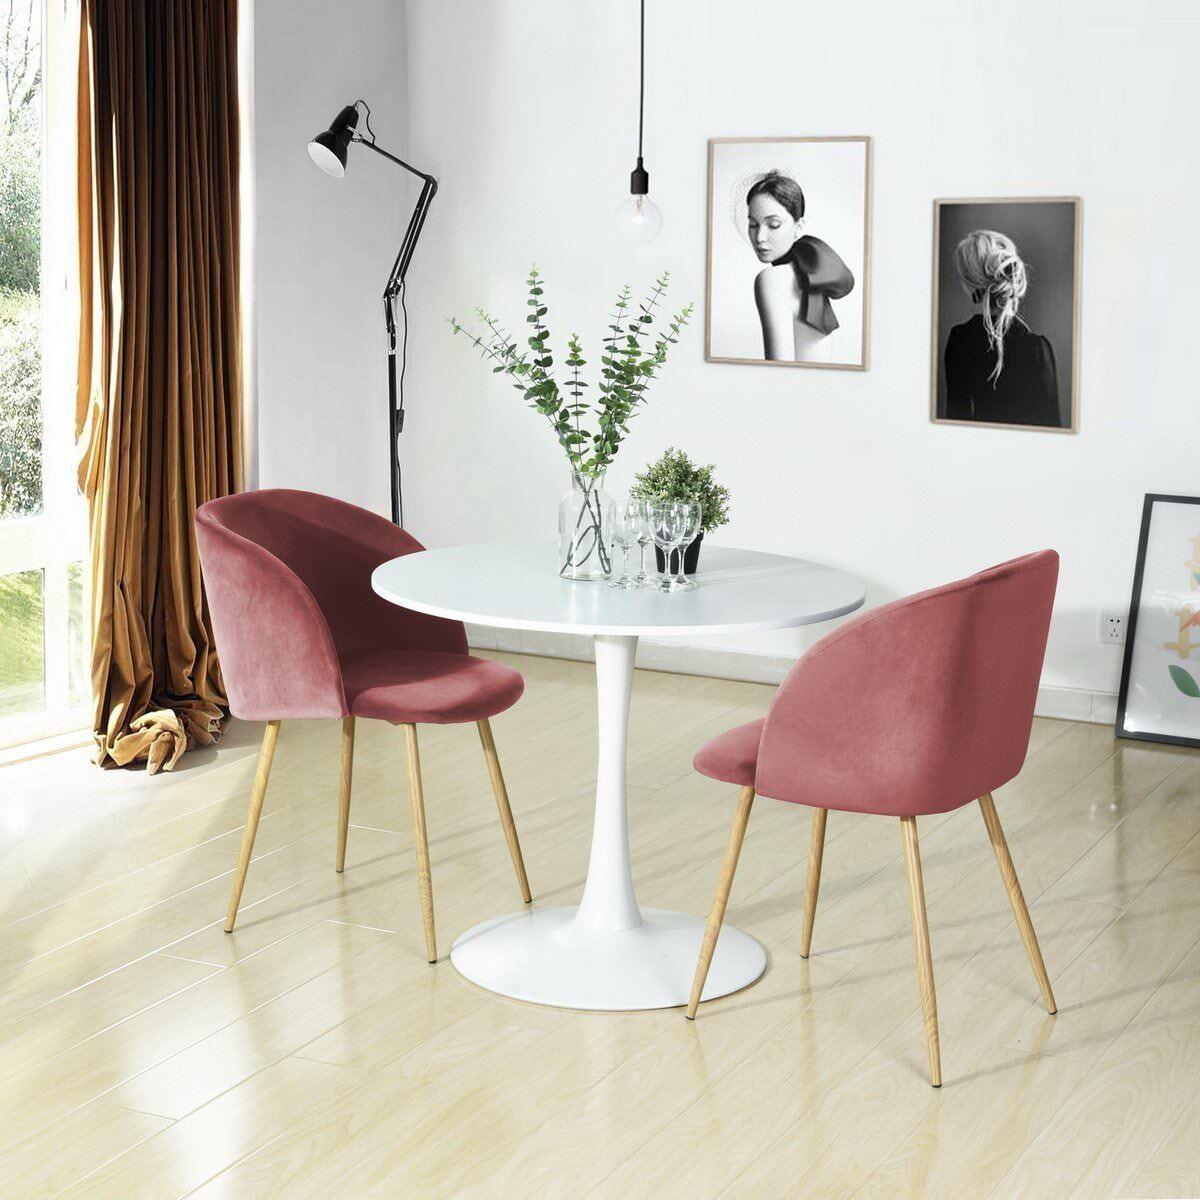 2er Set Esszimmerstühle Vintager Retro Sessel Polstersessel Samt Lounge sessel